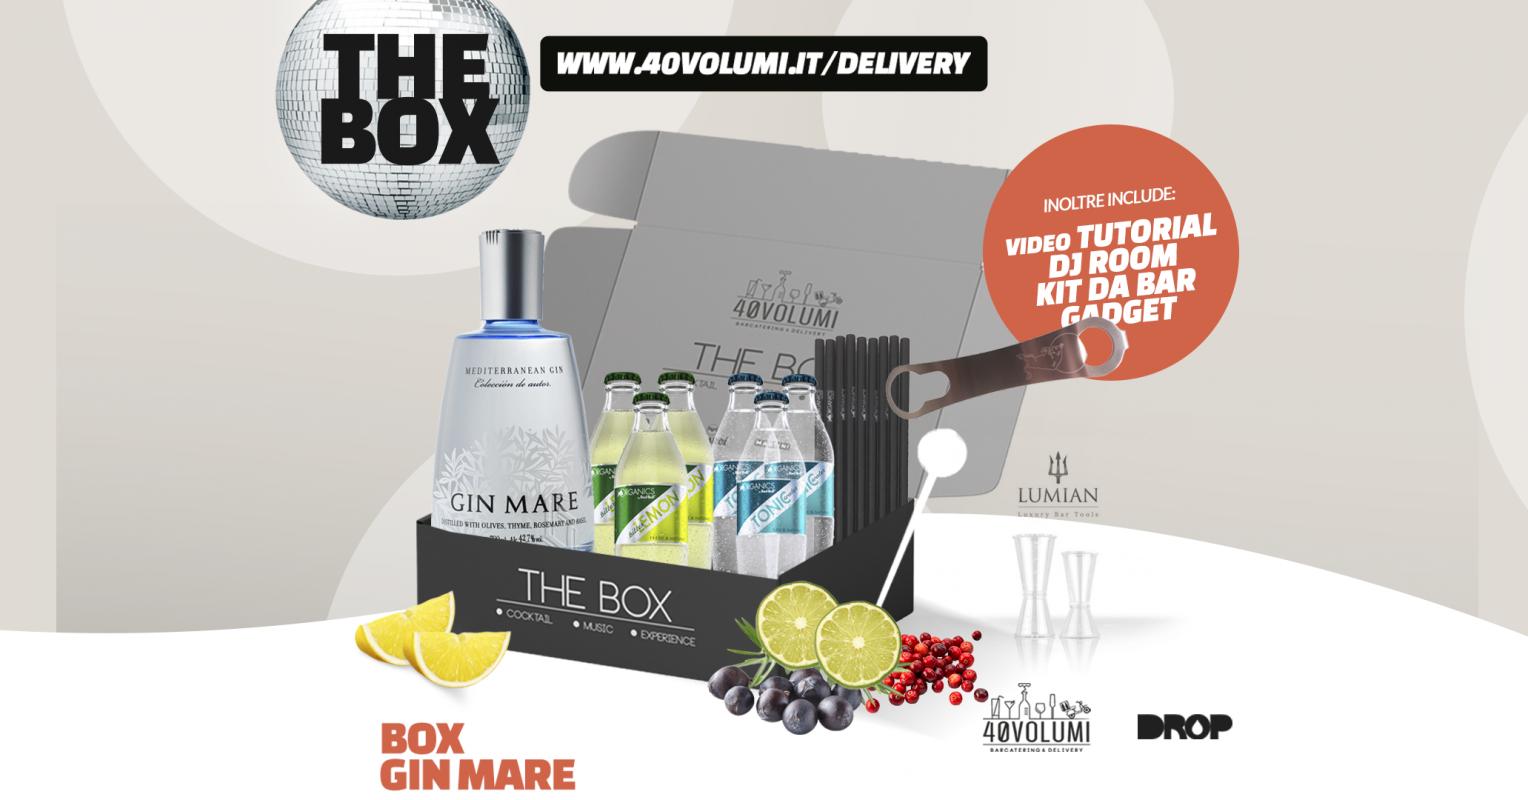 box gin mare per 40 volumi